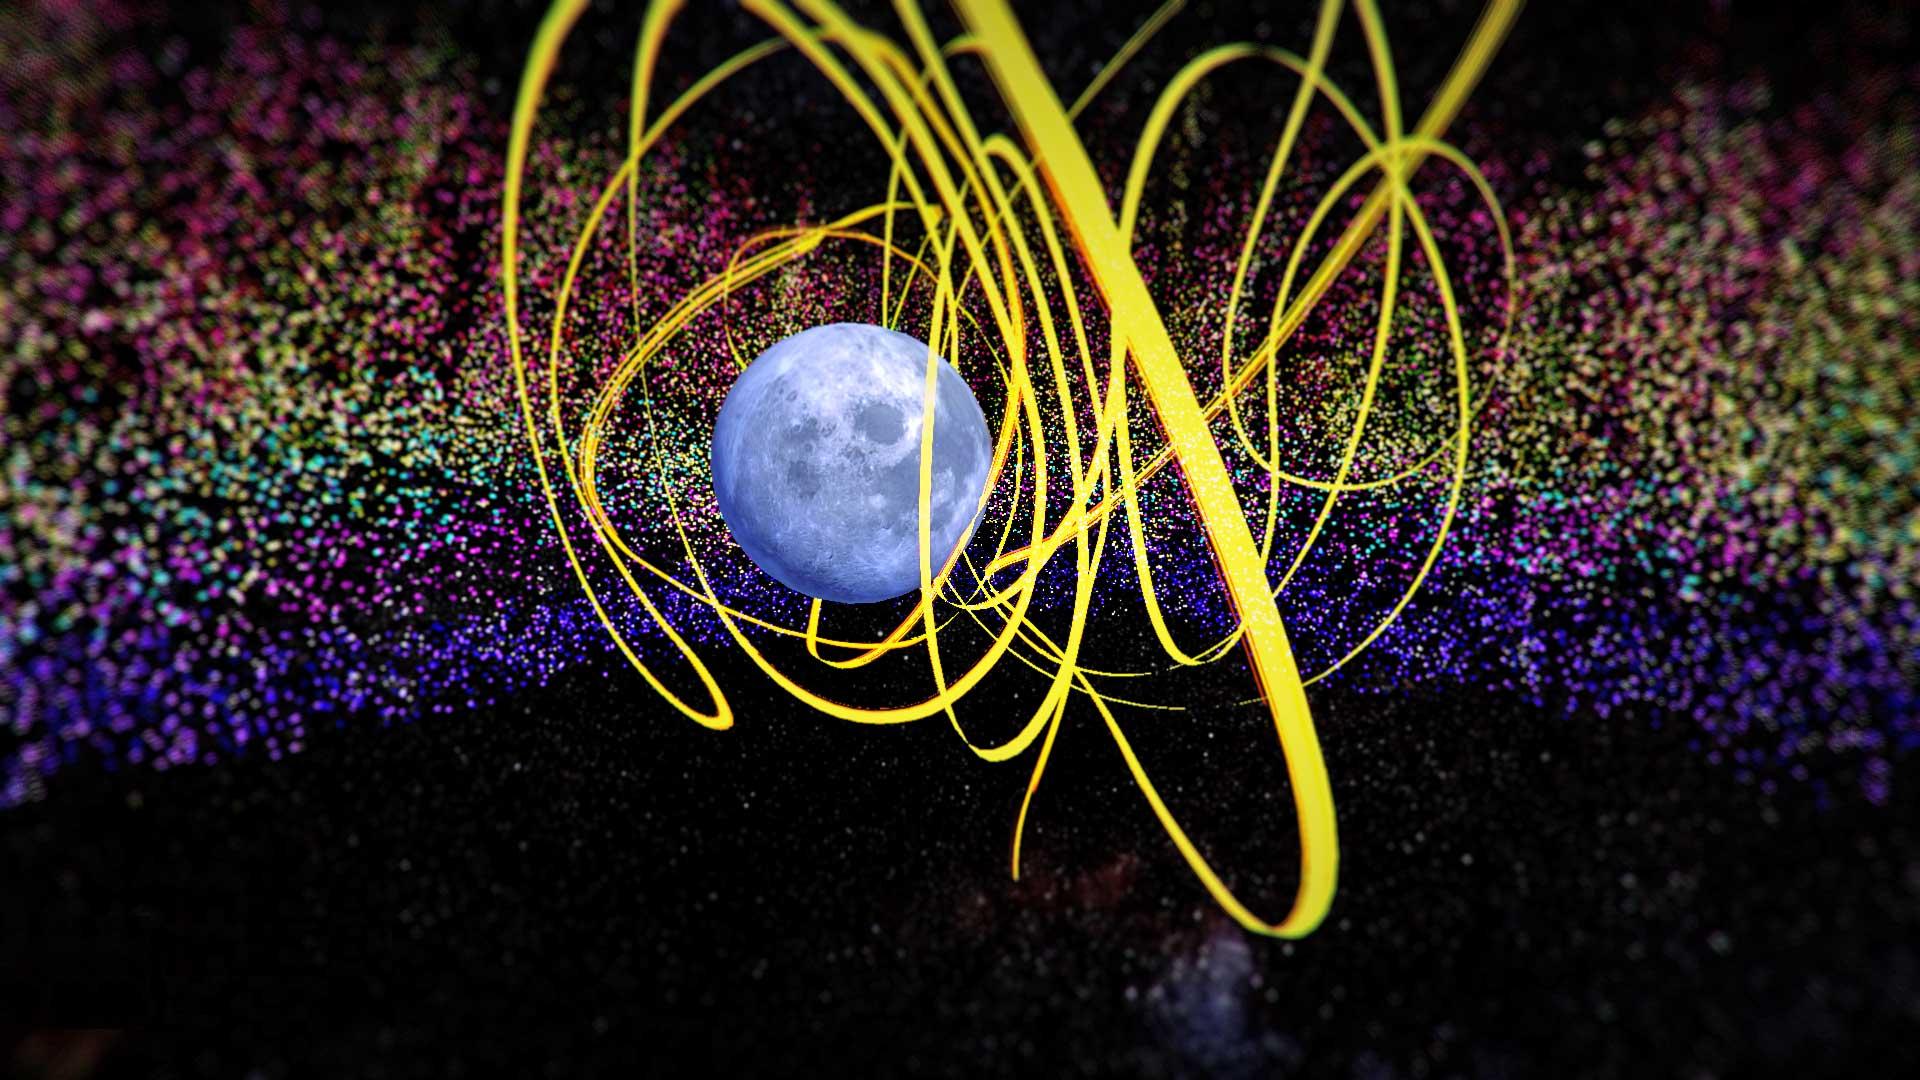 Full-Moon-Creative-Rebalancing-1920x1080